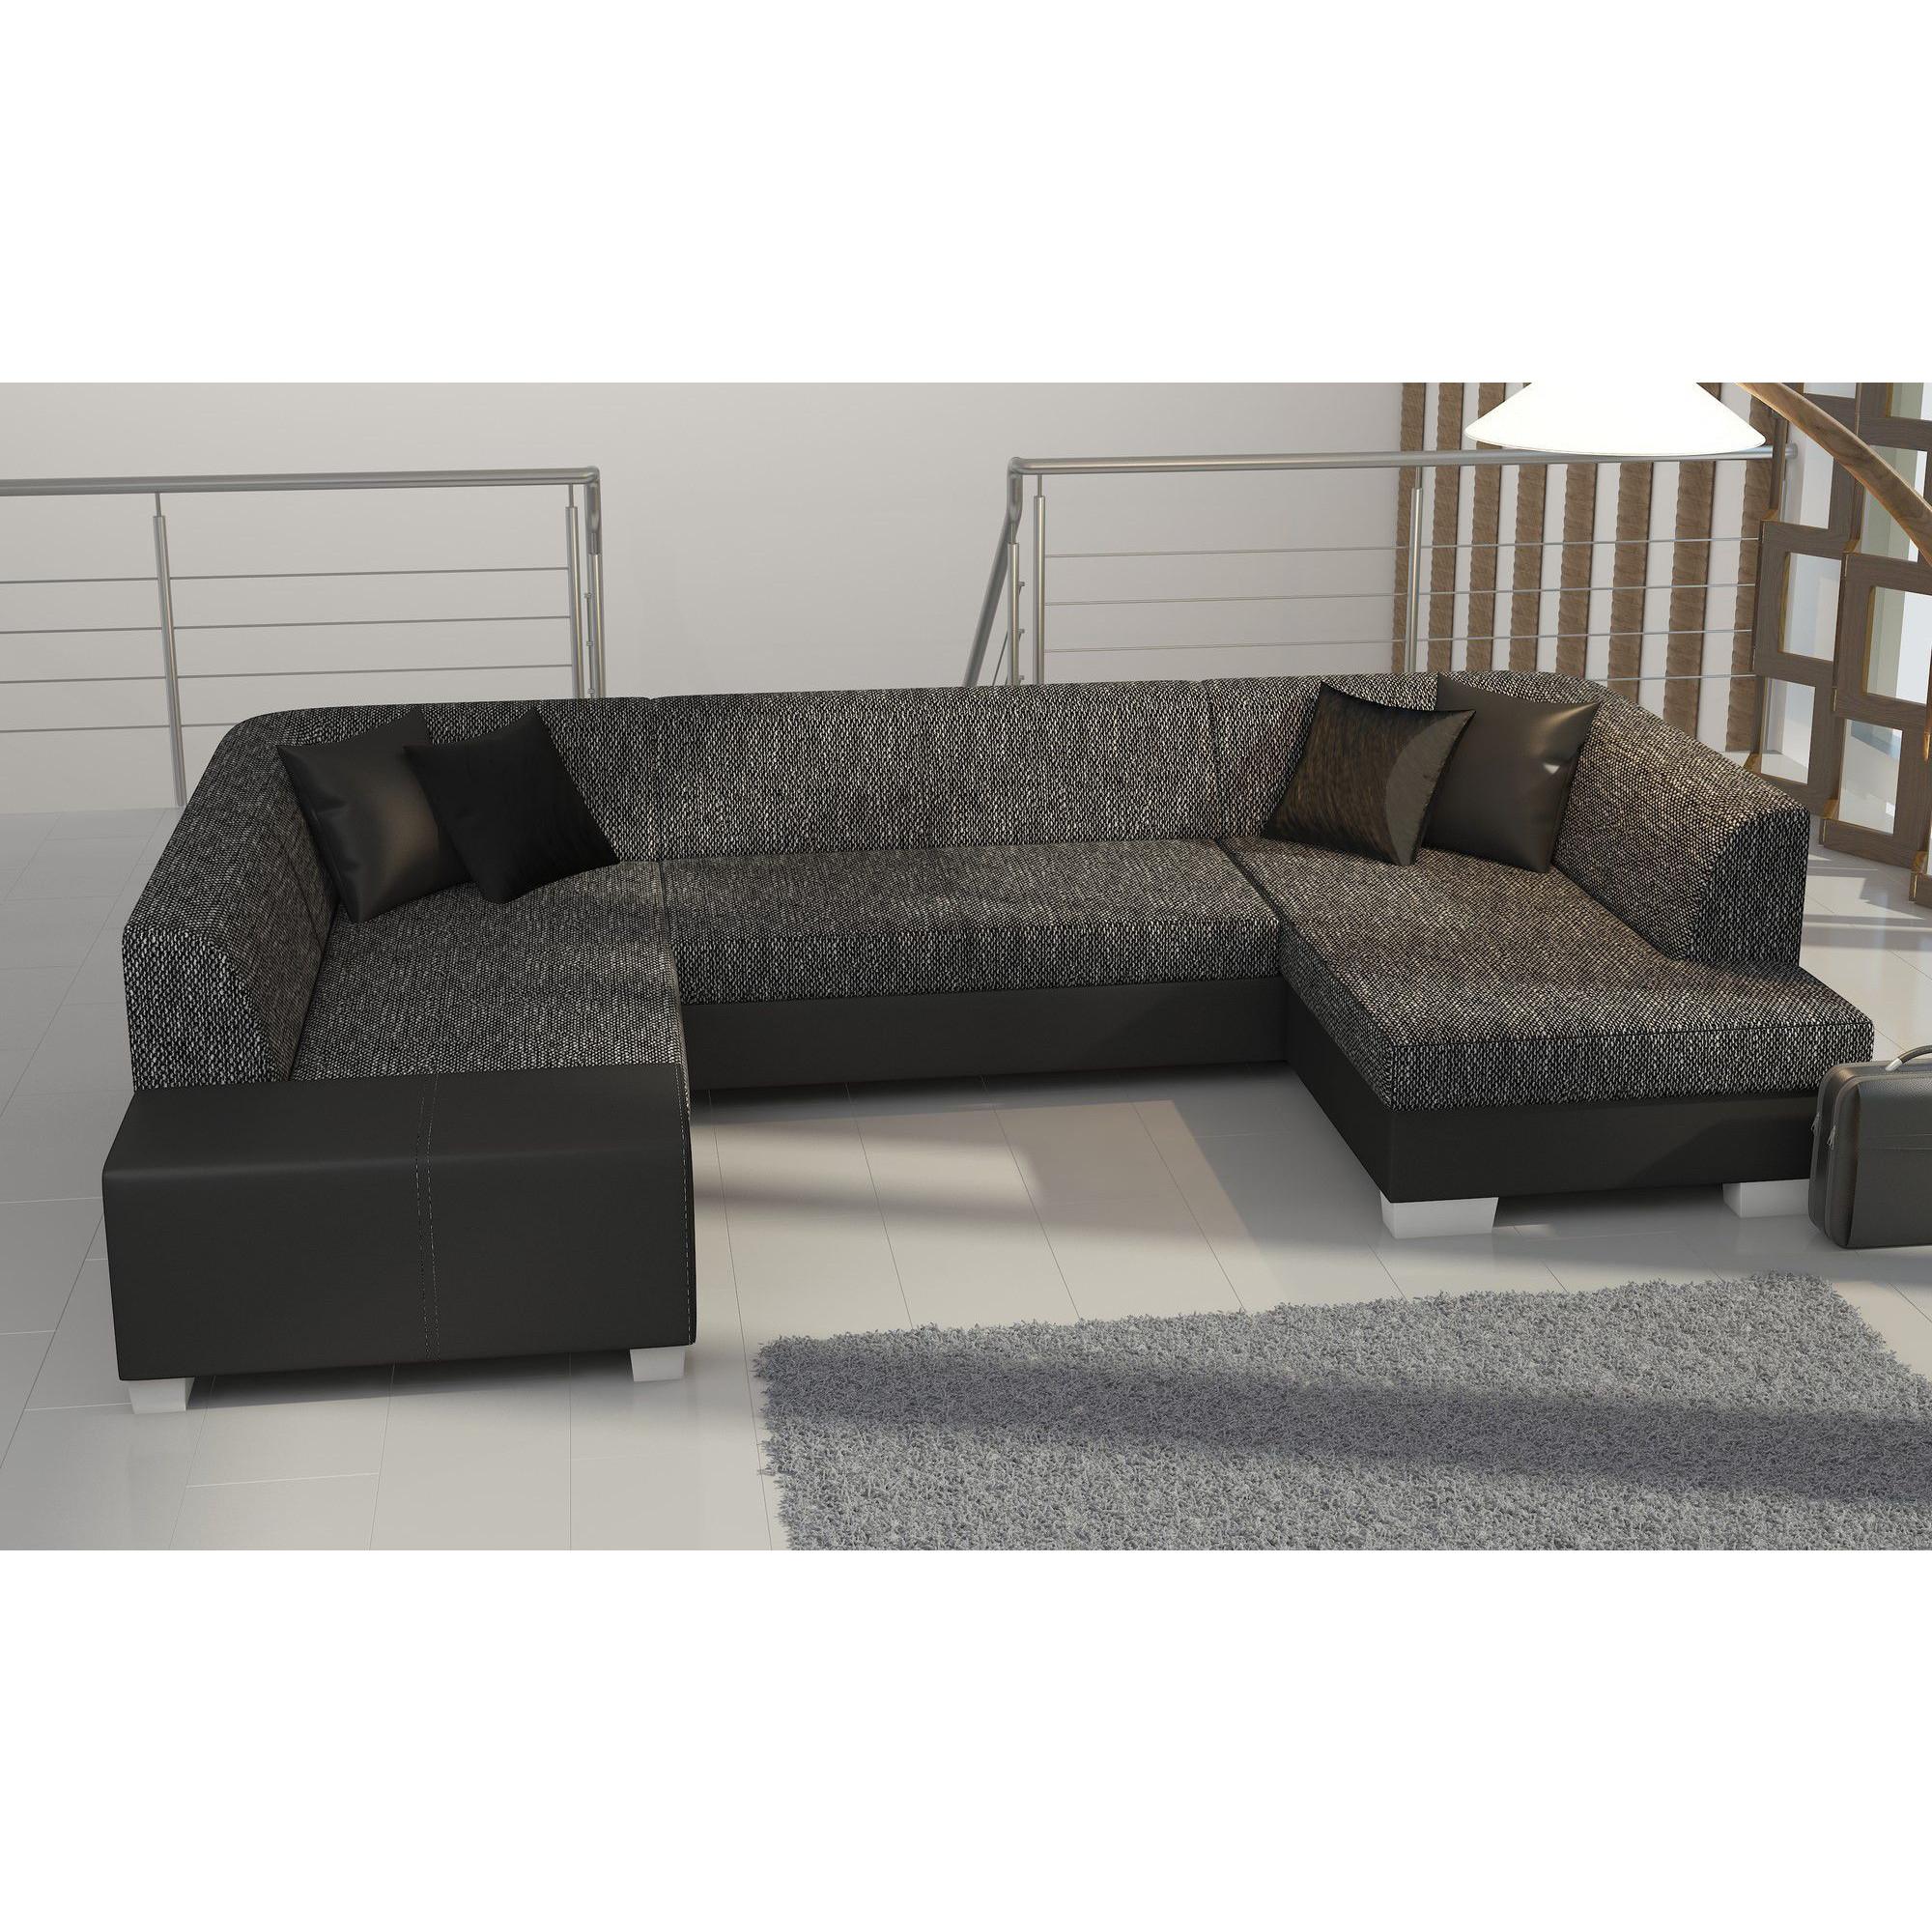 Canapé d angle convertible 4 places en tissu gris foncé et